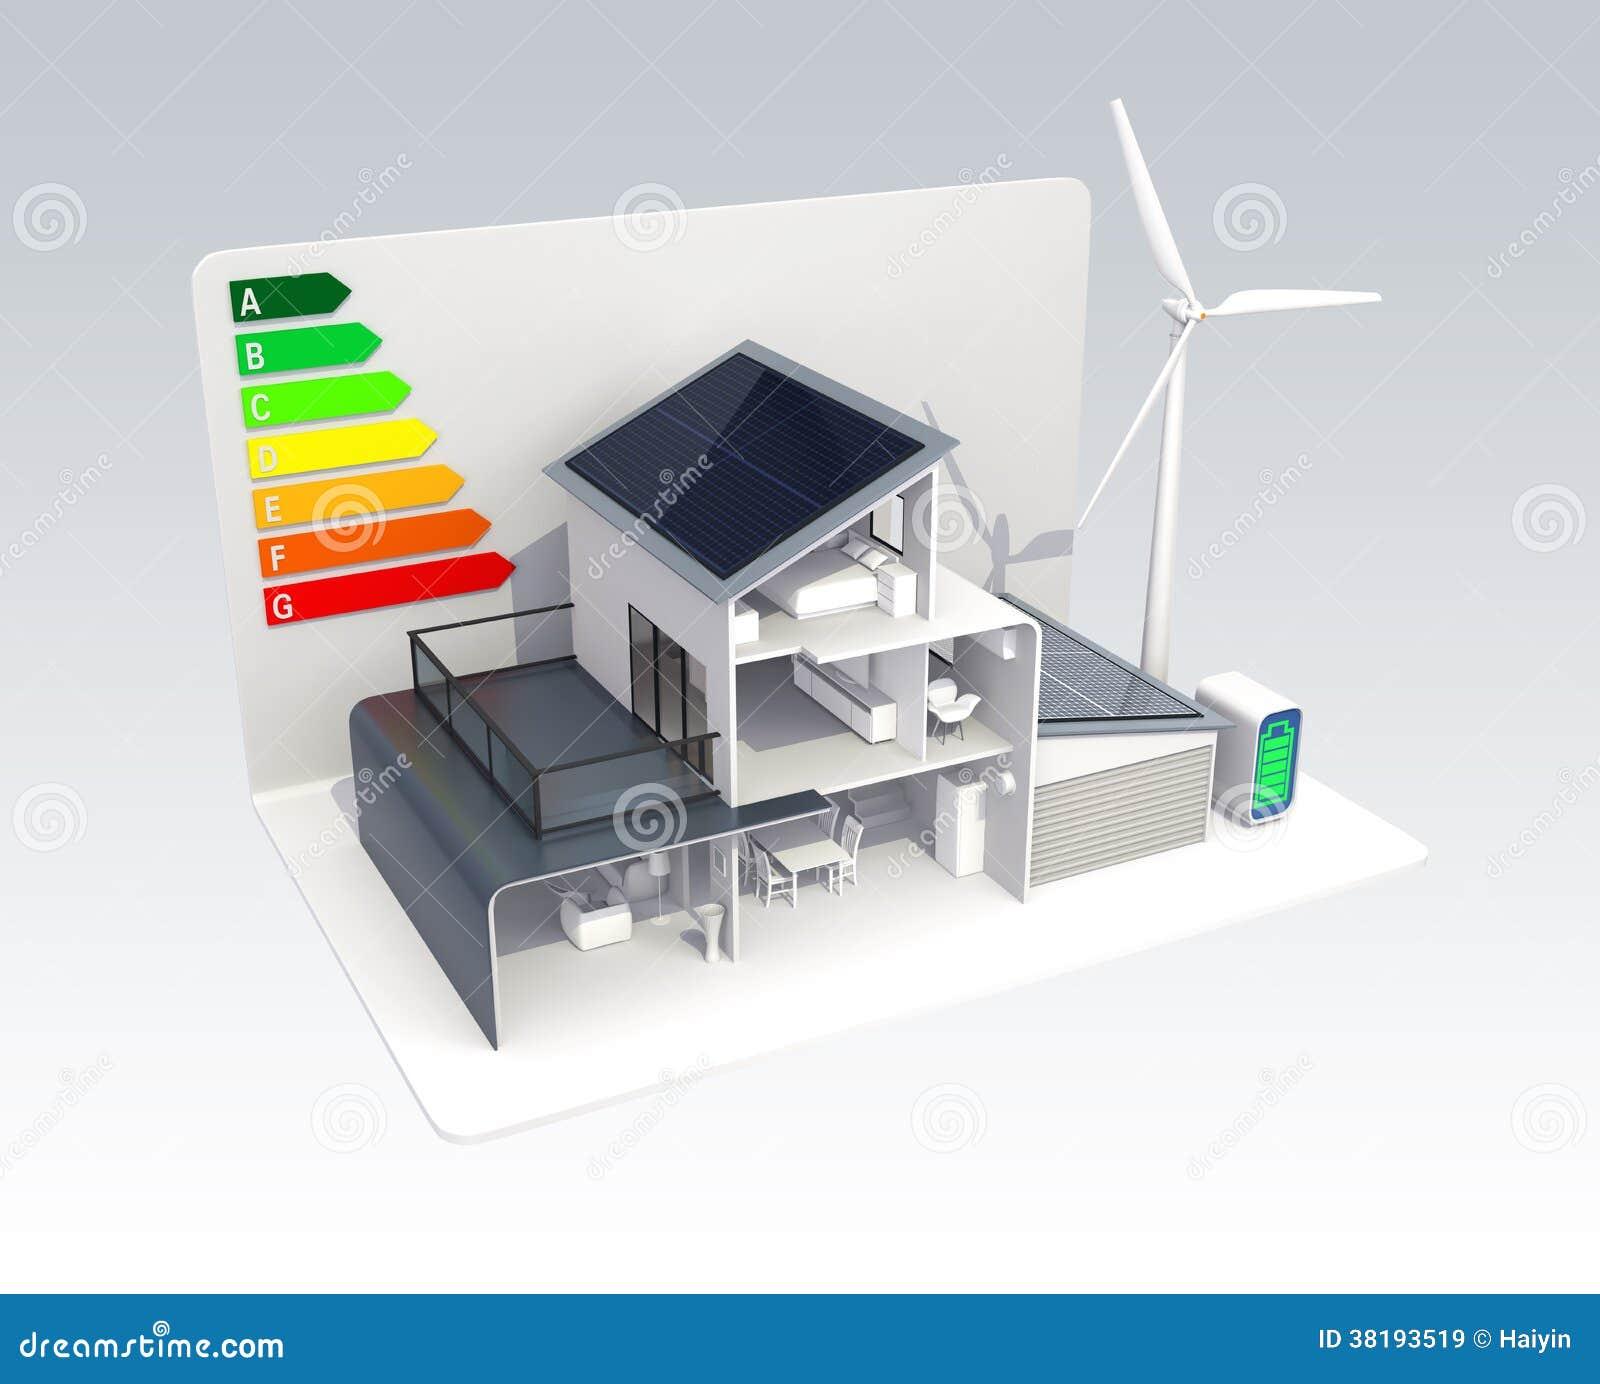 Atemberaubend Schematisches Diagramm Des Sonnenkollektors Bilder ...